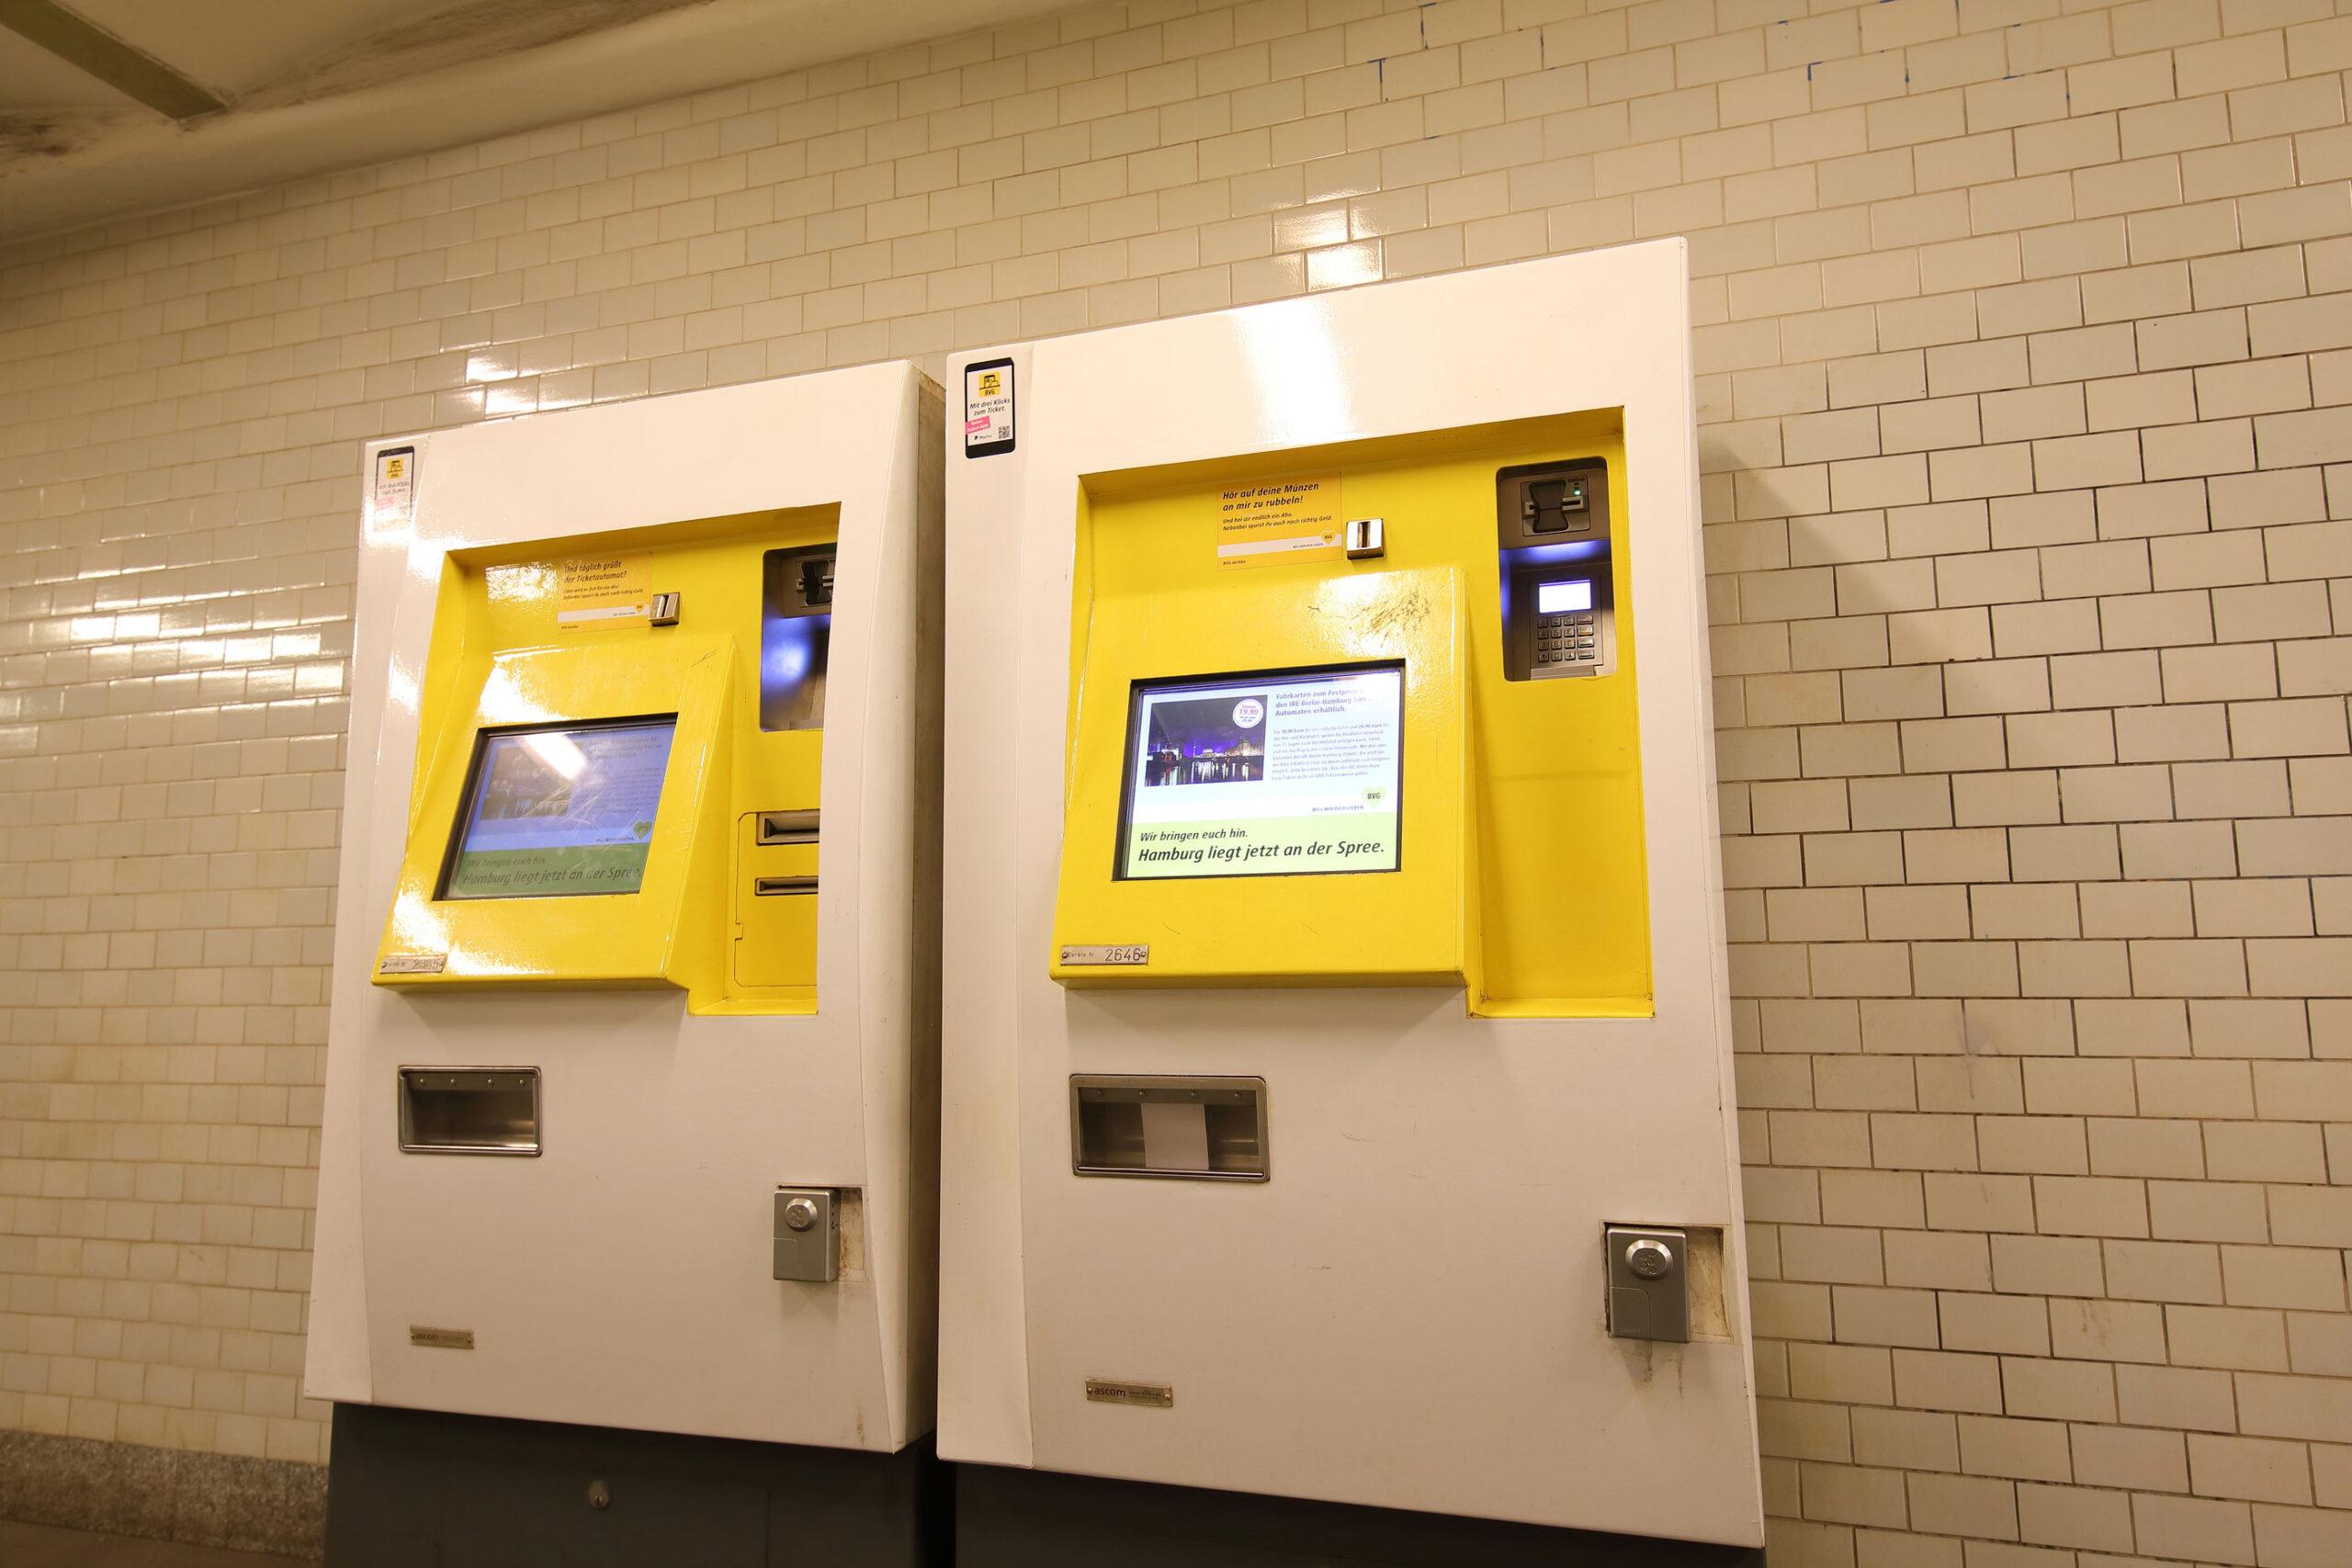 Berlin billetter billettautomat Tyskland kollektivtrafikk T-bane